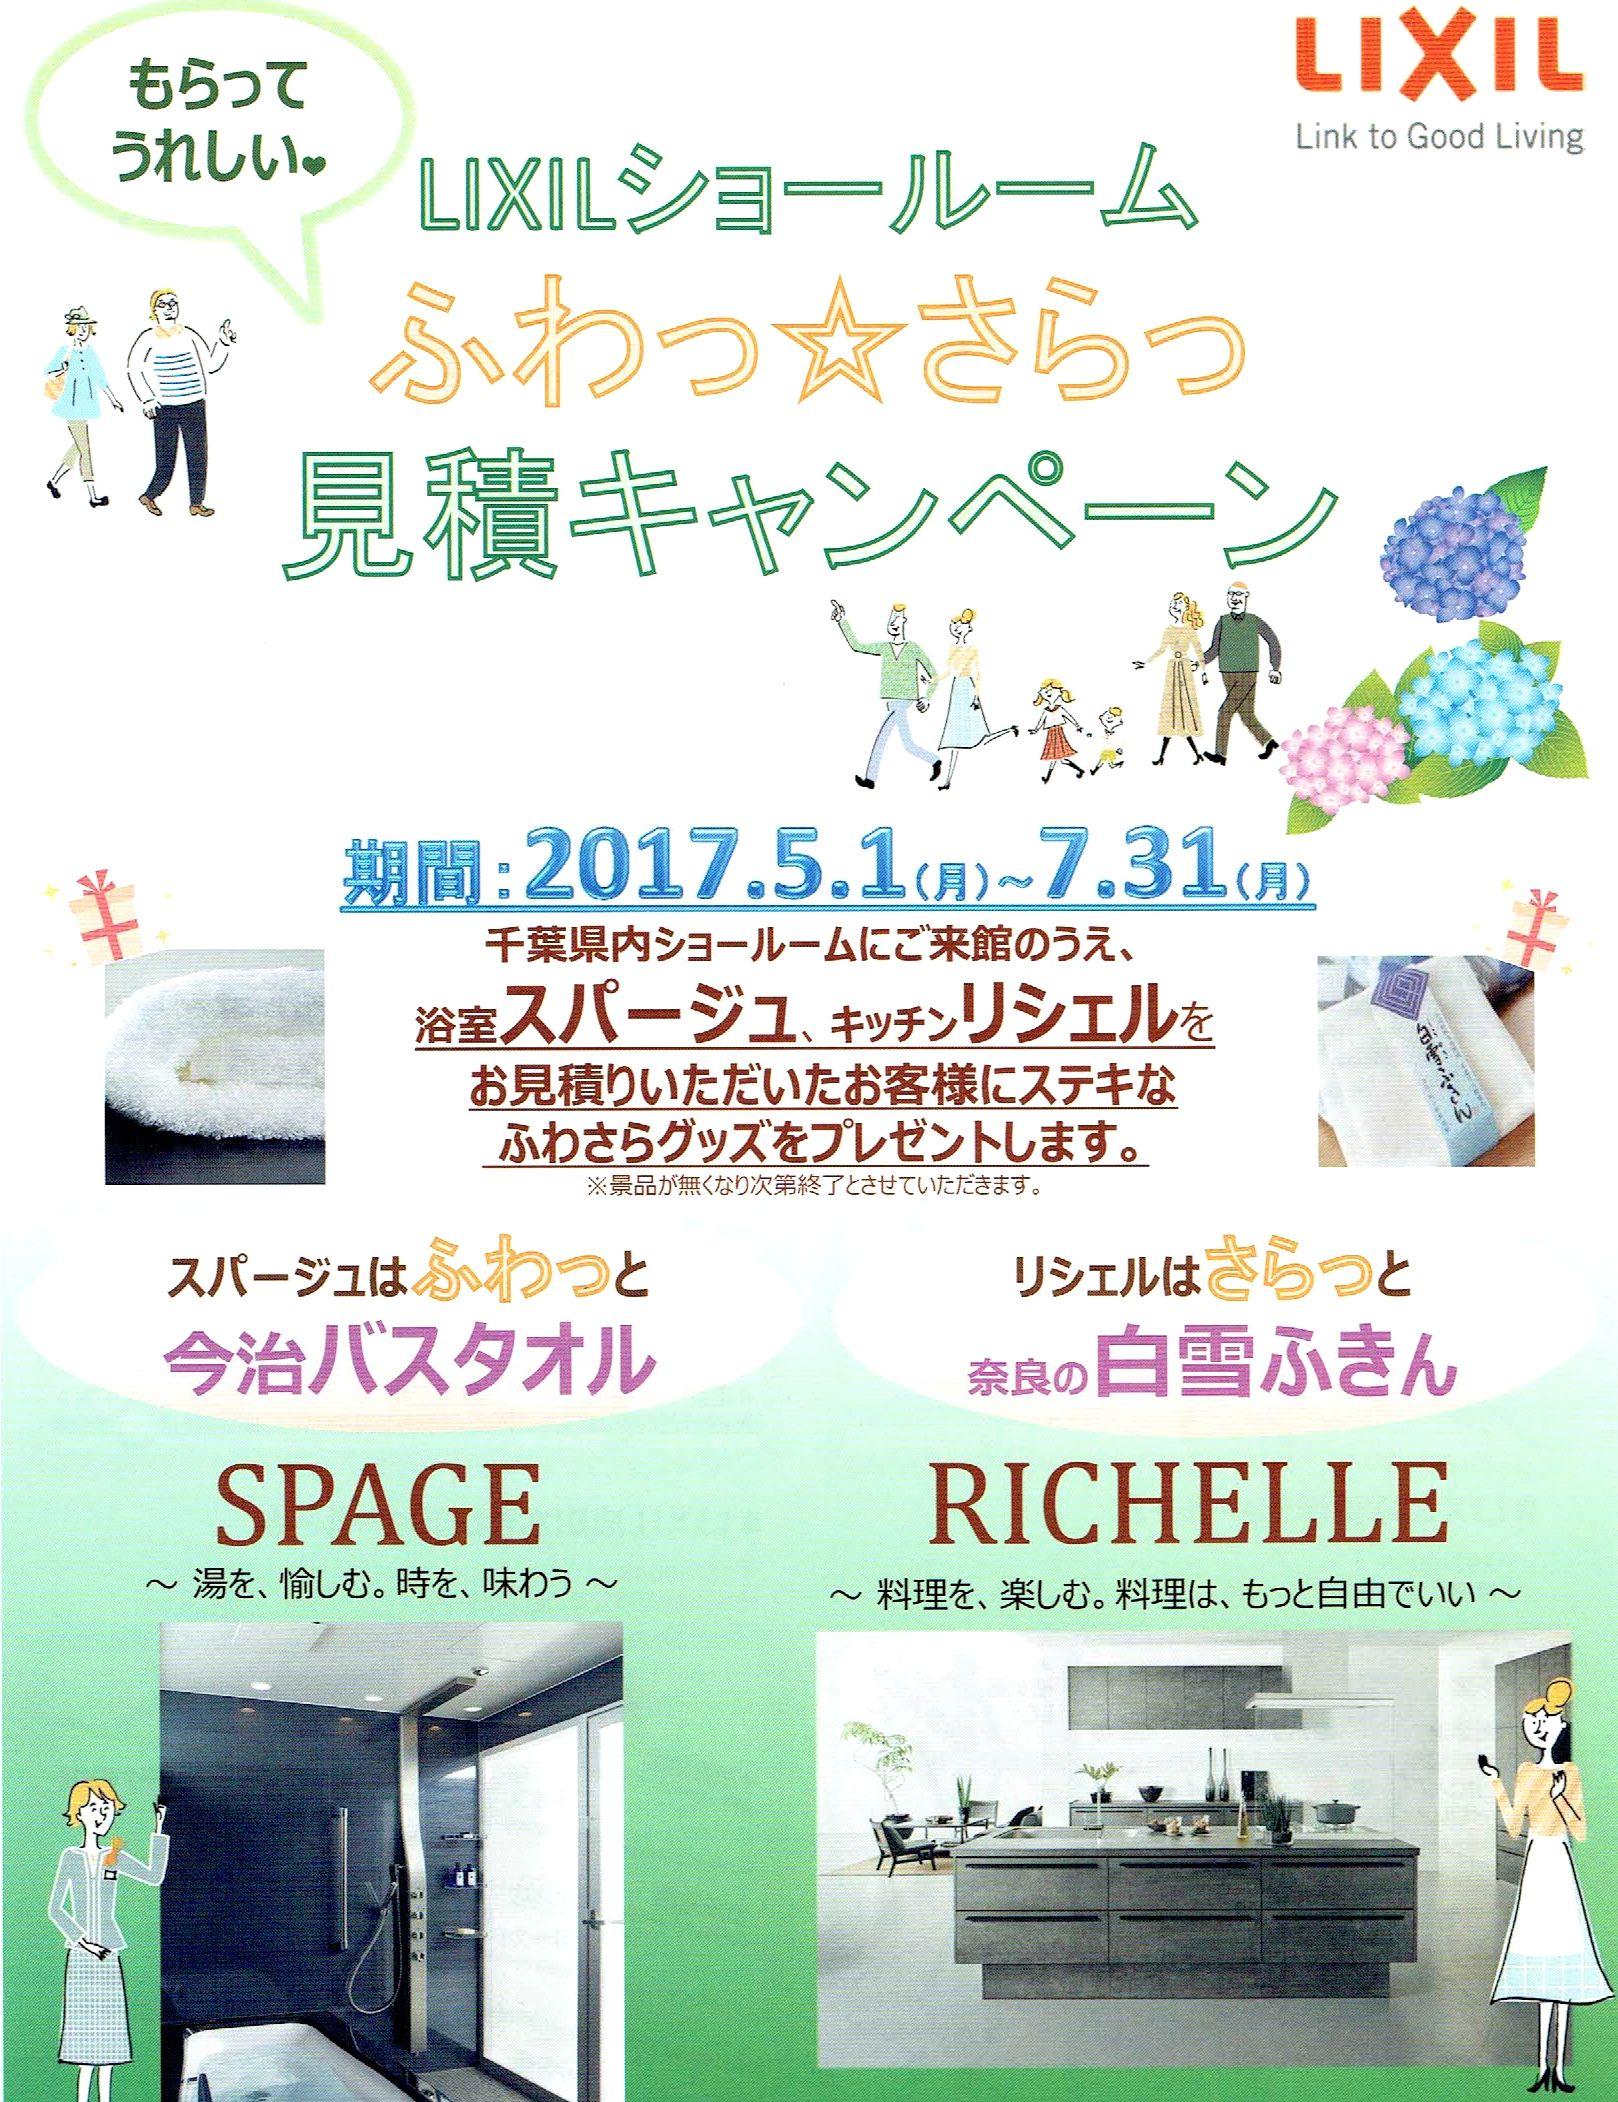 LIXILショールーム ふわっ☆さらっ 見積キャンペーン